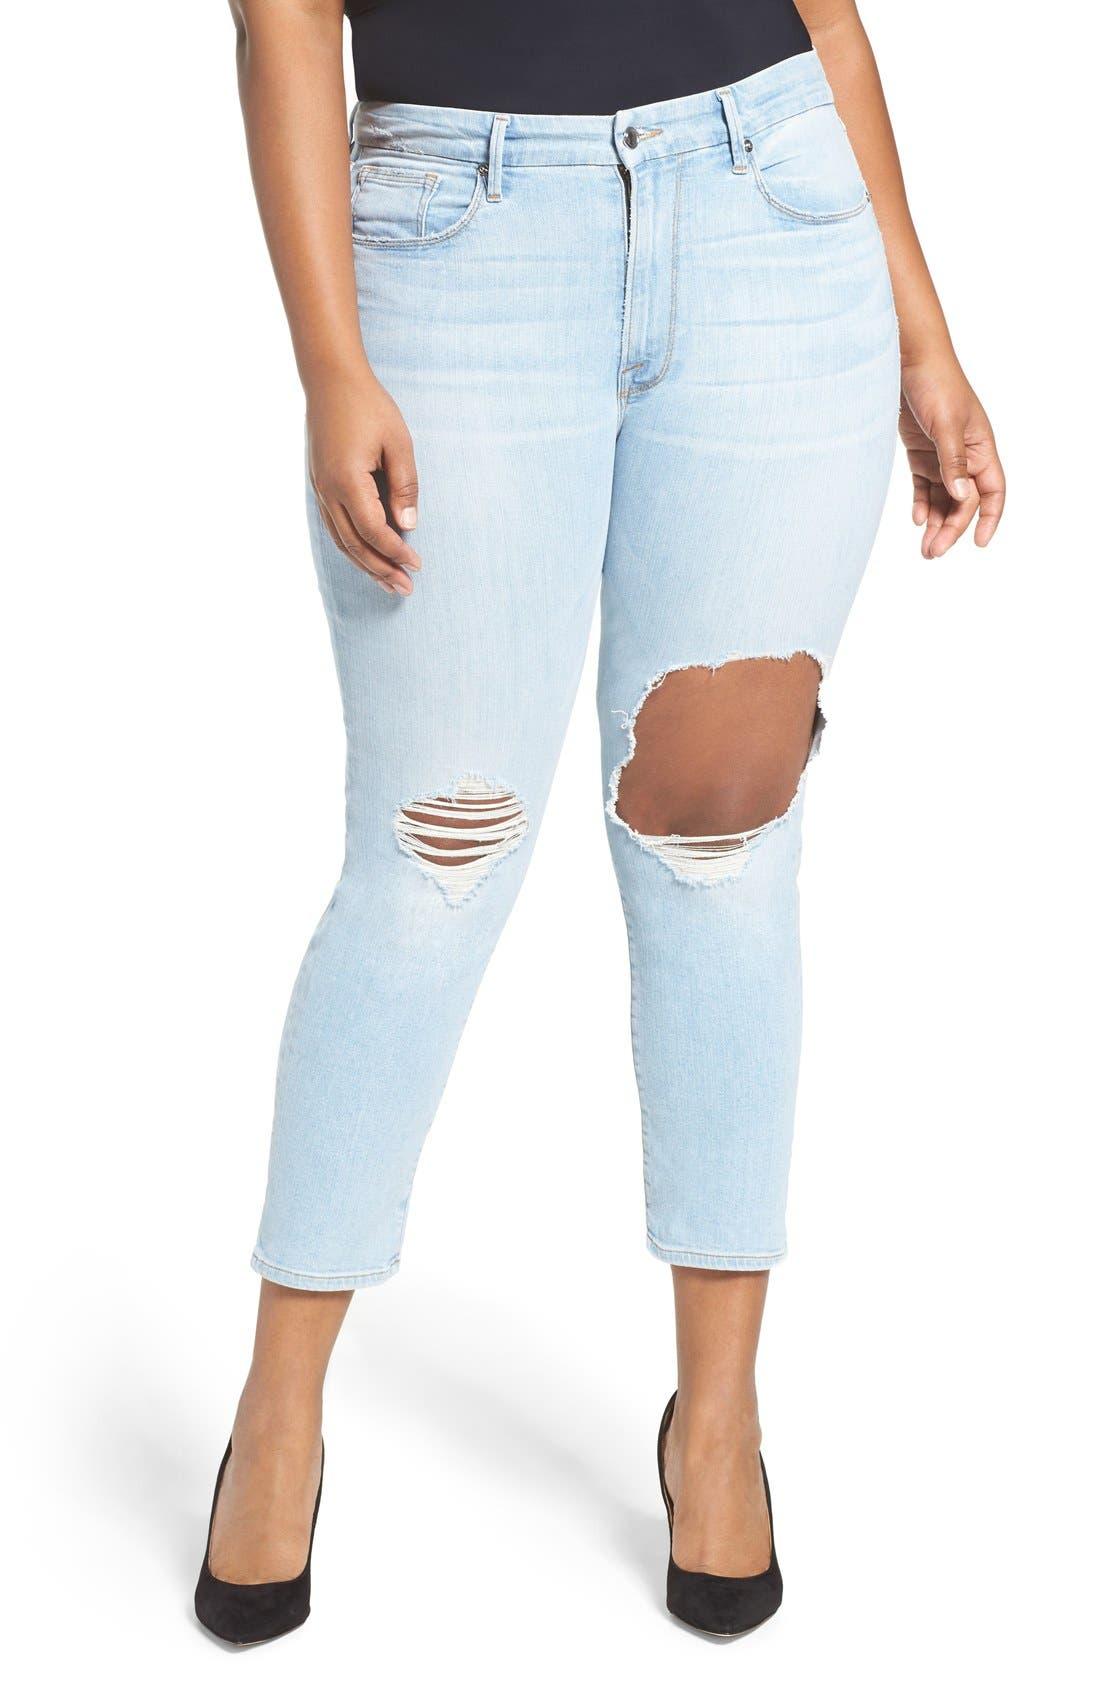 Good Cuts High Rise Boyfriend Jeans,                             Main thumbnail 1, color,                             401